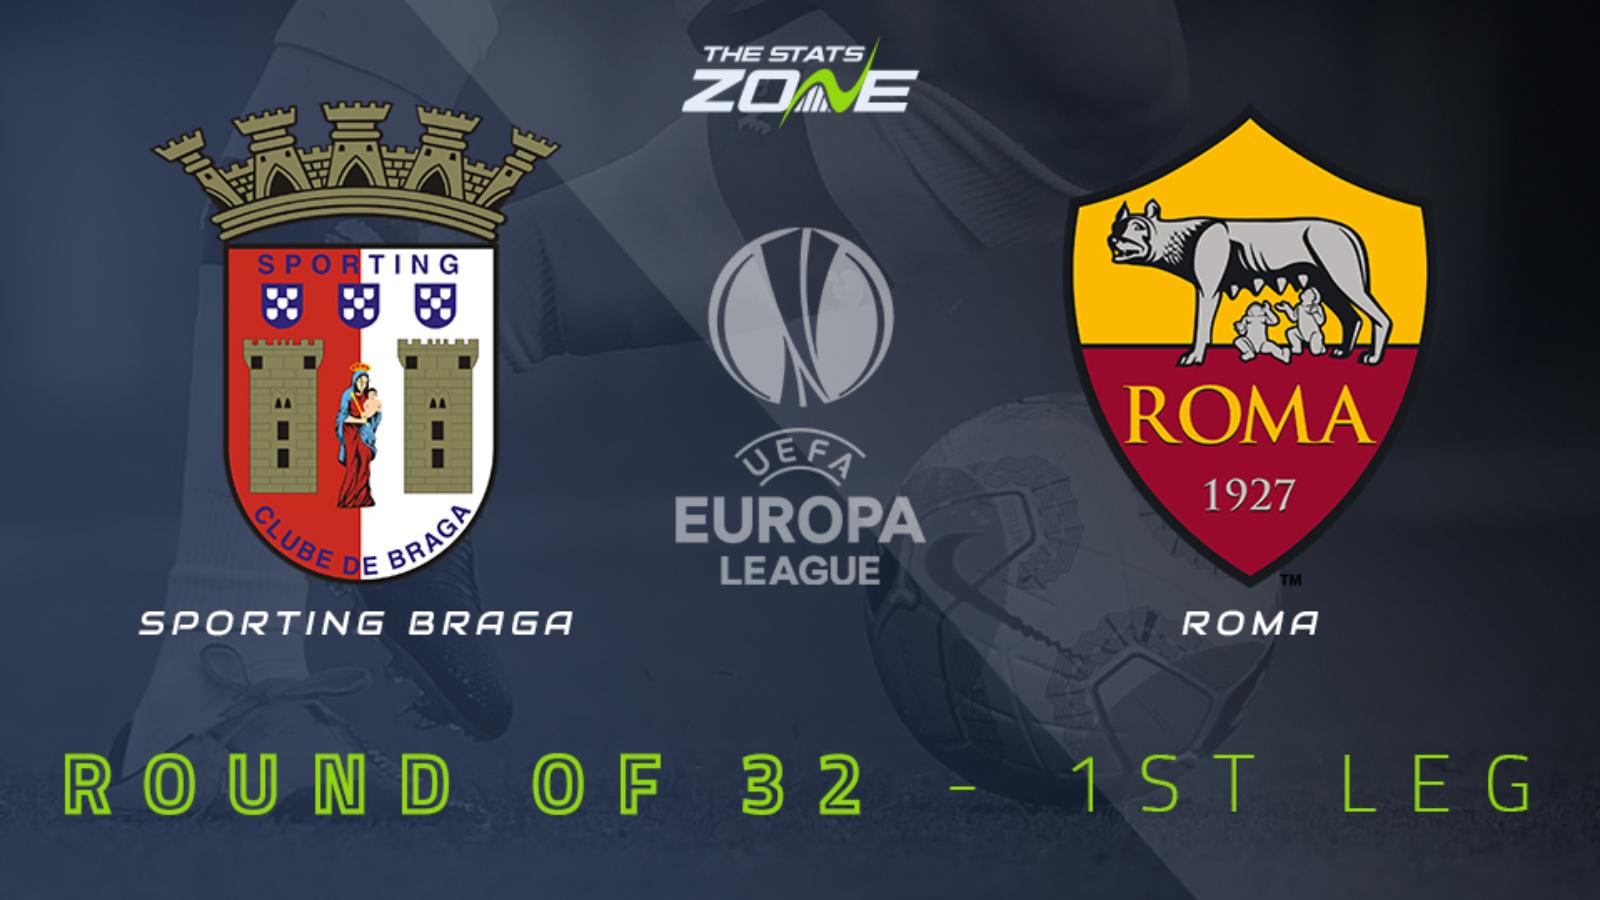 2020-21 UEFA Europa League – Sporting Braga vs Roma Preview & Prediction -  The Stats Zone